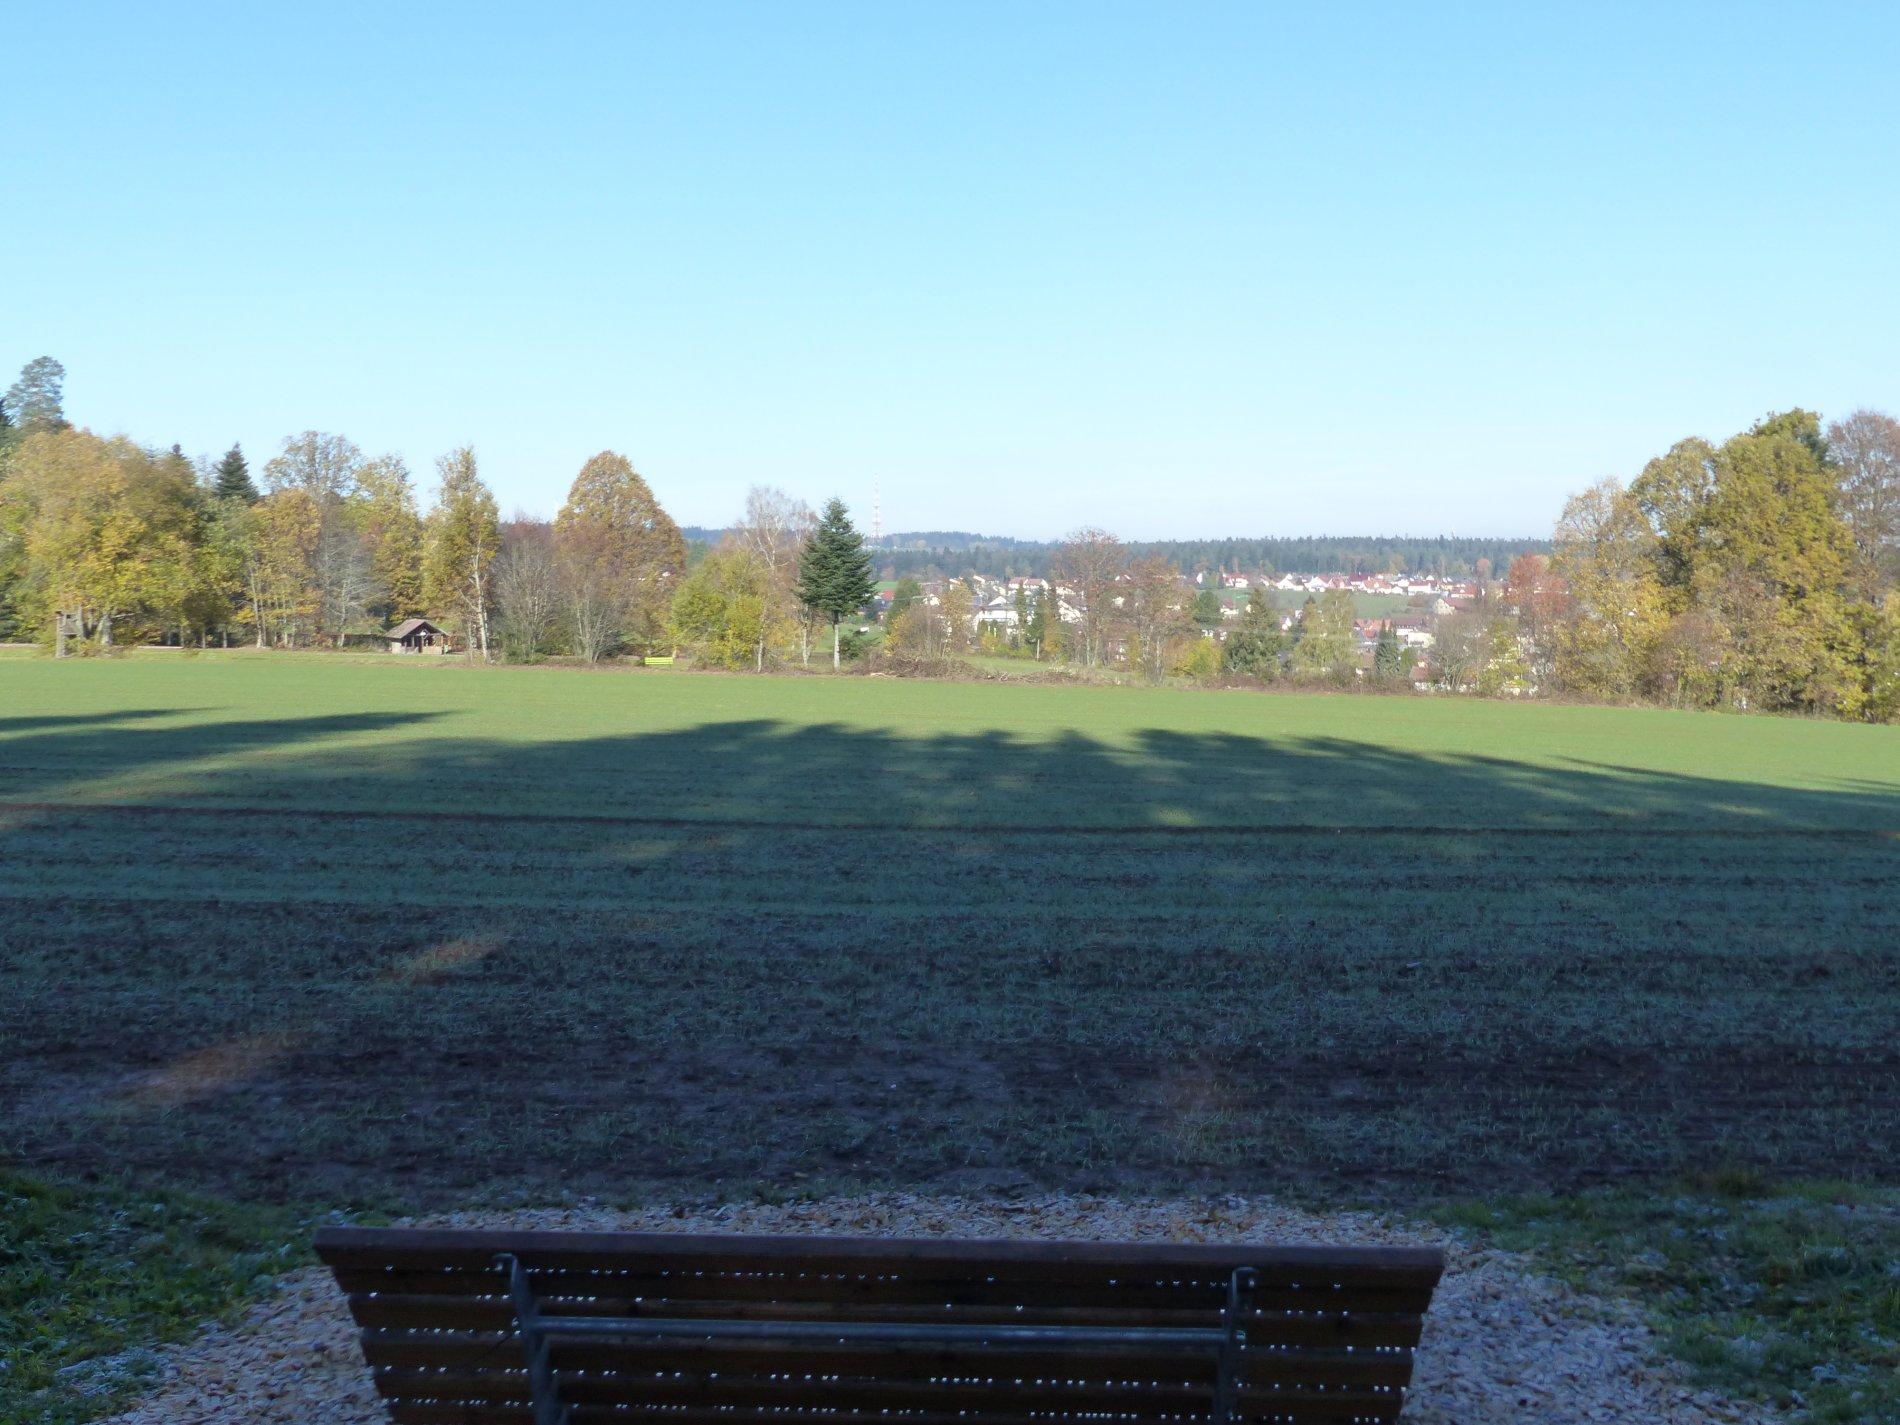 Himmelsliege am Weißtannenpfad Schömberg, steht vor einem Feld mit Ausblick zur Schillereiche, Heilklima